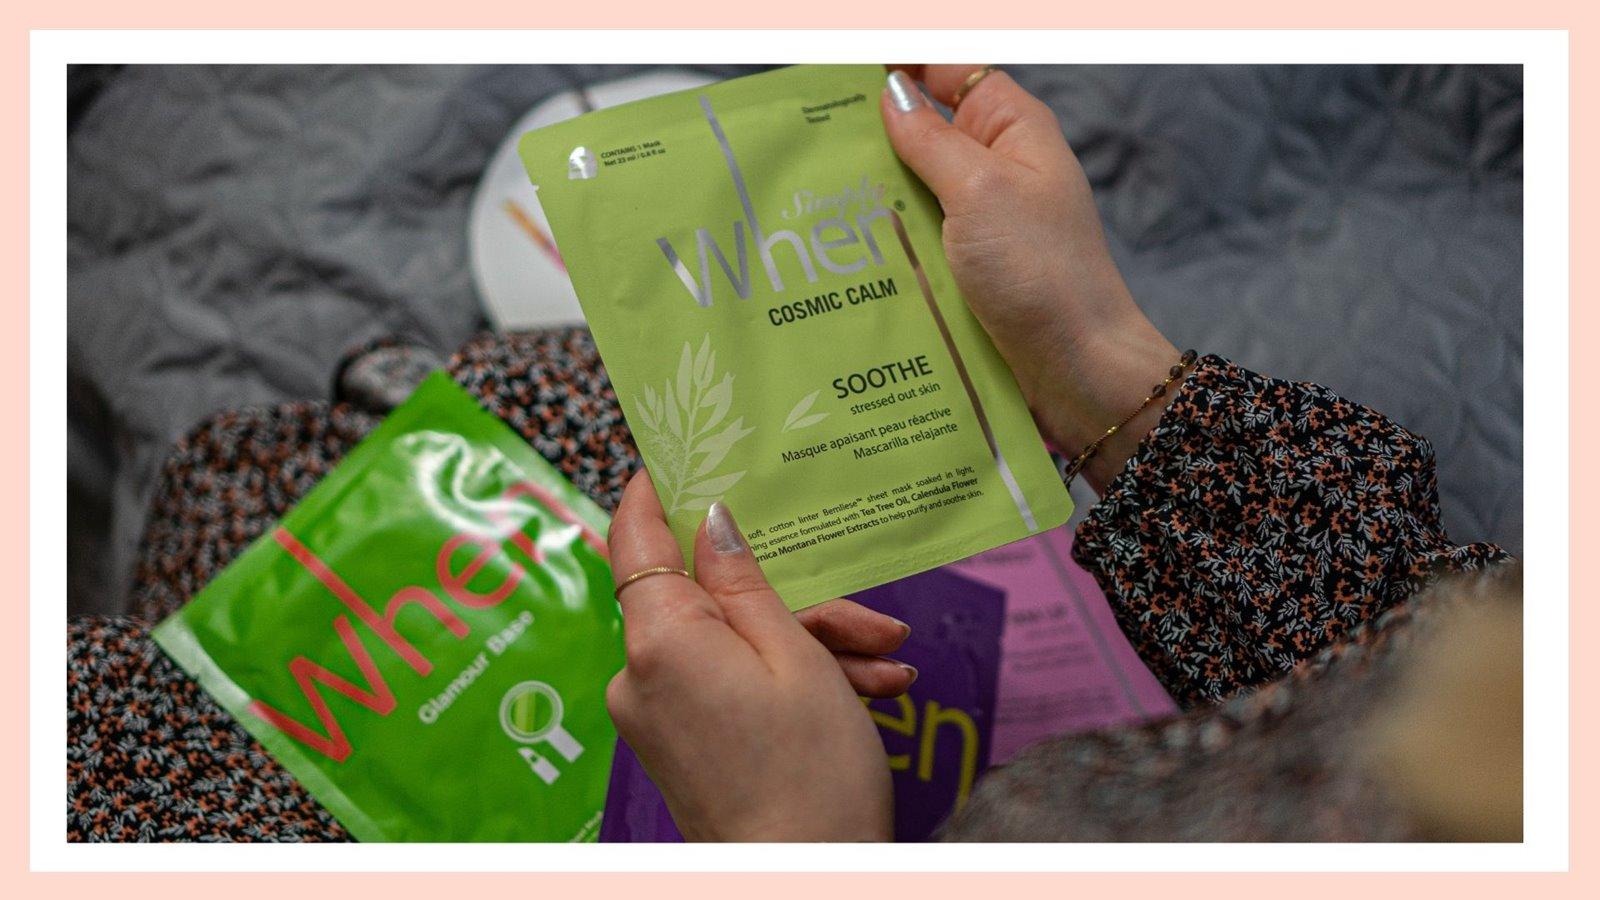 5 Jak używać maseczek w płachcie, jak często stosować, poznaj dobre maseczki w płachcie, jak nakładać błędy porady tipy, tanie naturalne when maski opinie koreańskie do twarzy szyi biustu